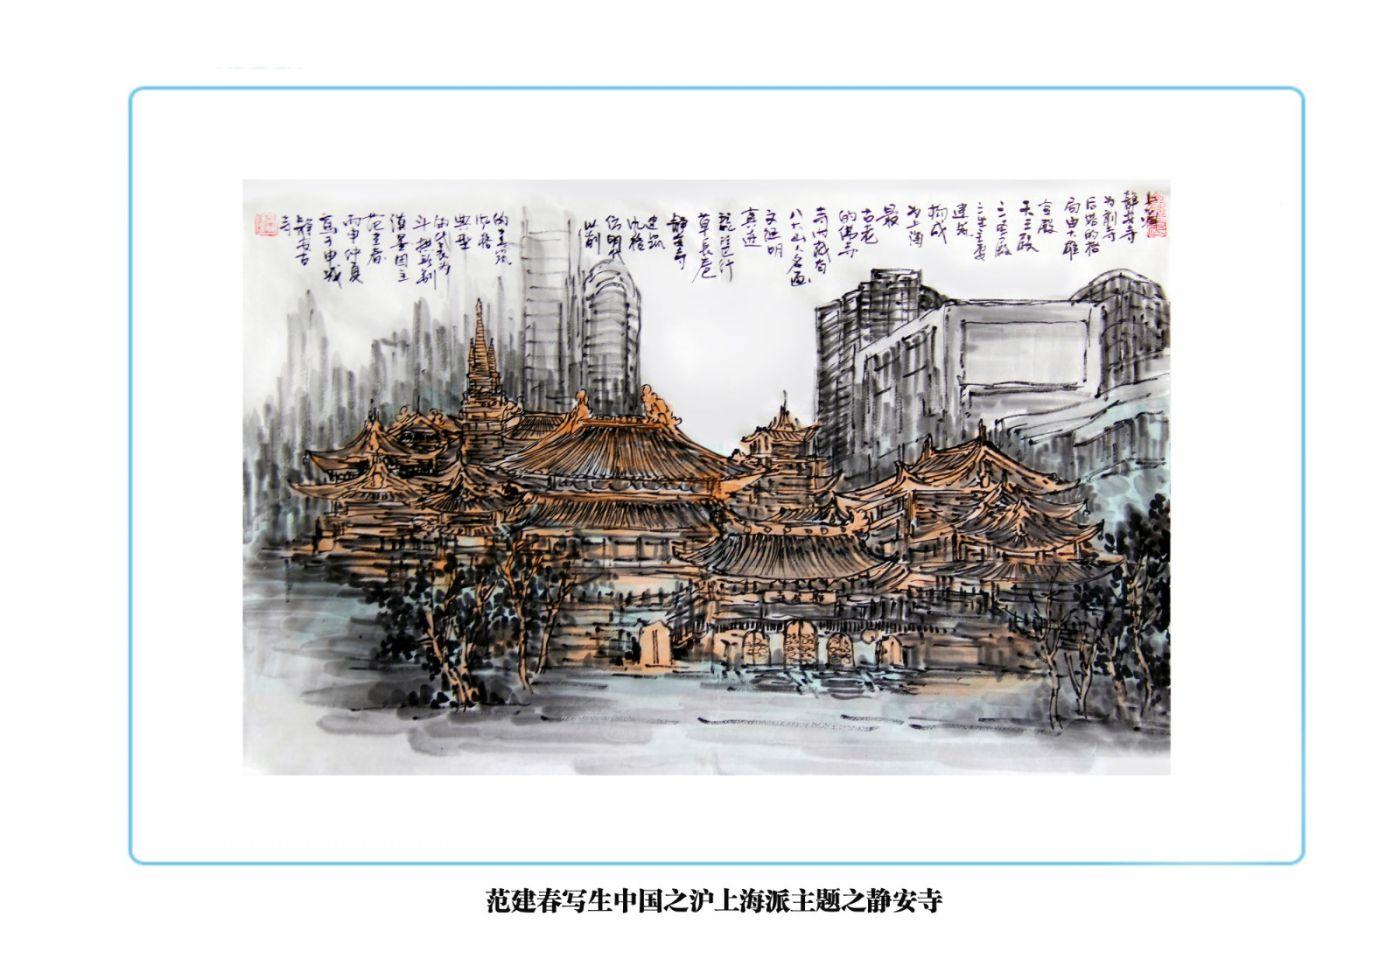 写生中国部分写生稿_图1-2